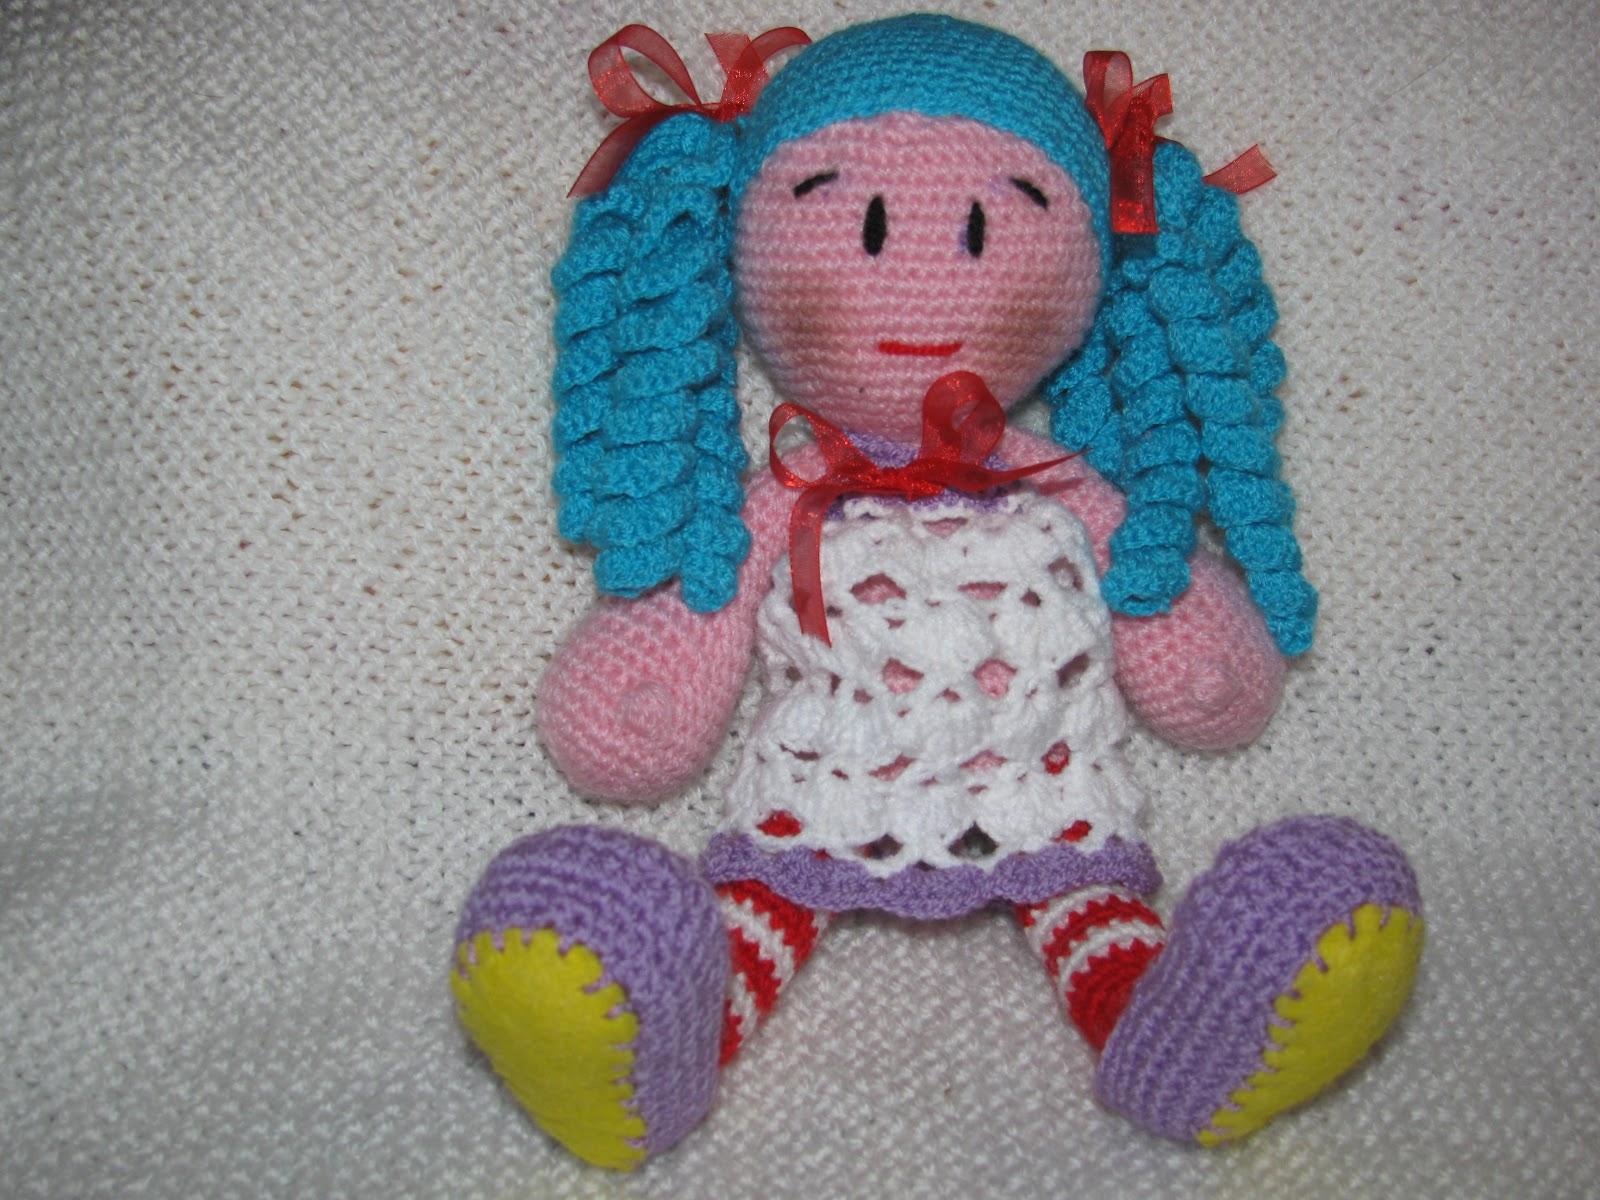 Вязание игрушек крючком кукол 26